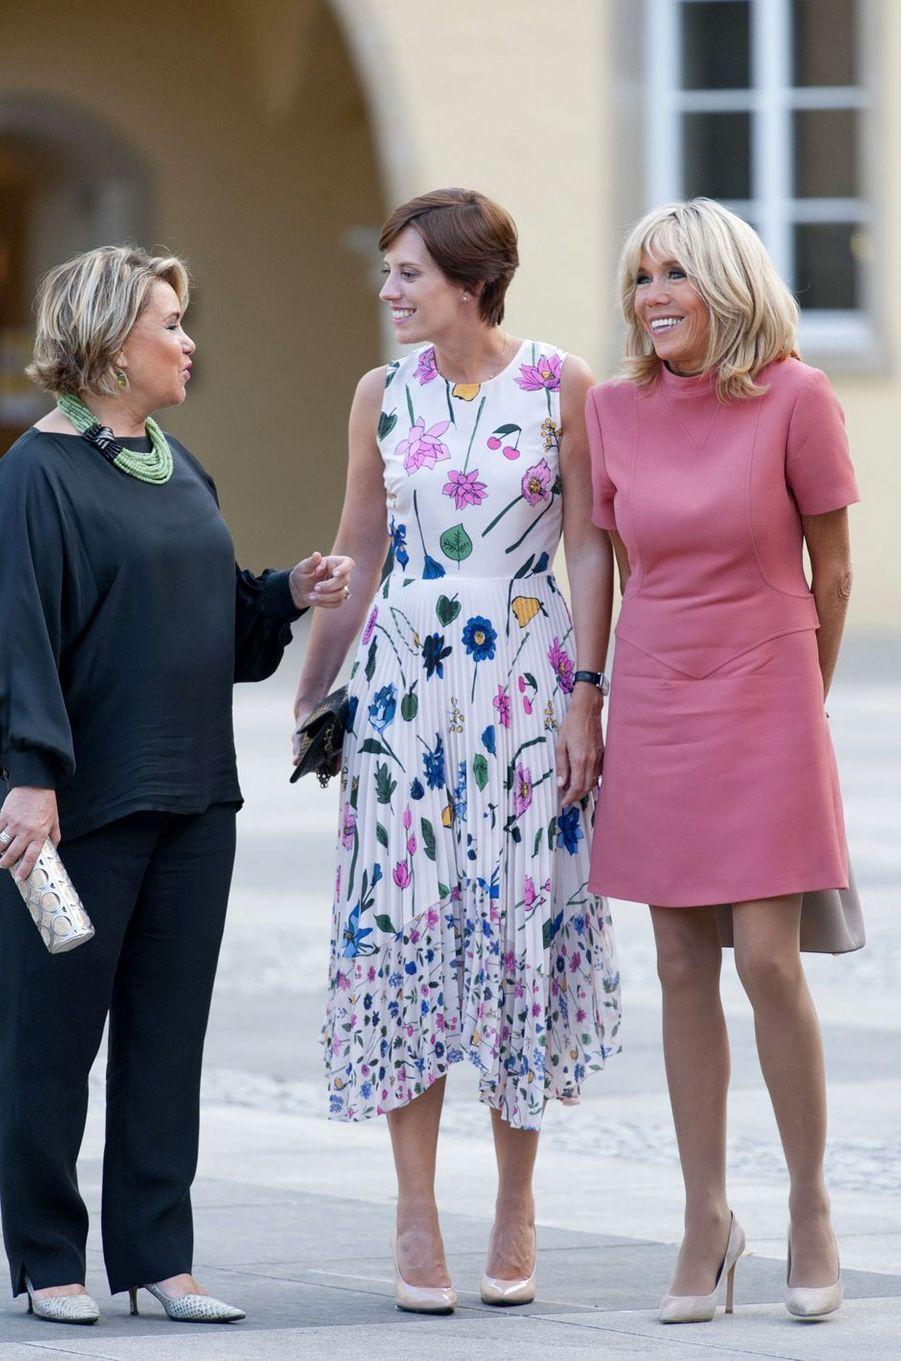 La grande-duchesse Maria Teresa de Luxembourg avec Amélie Derbaudrenghien et Brigitte Macron à Luxembourg, le 29 août 2017